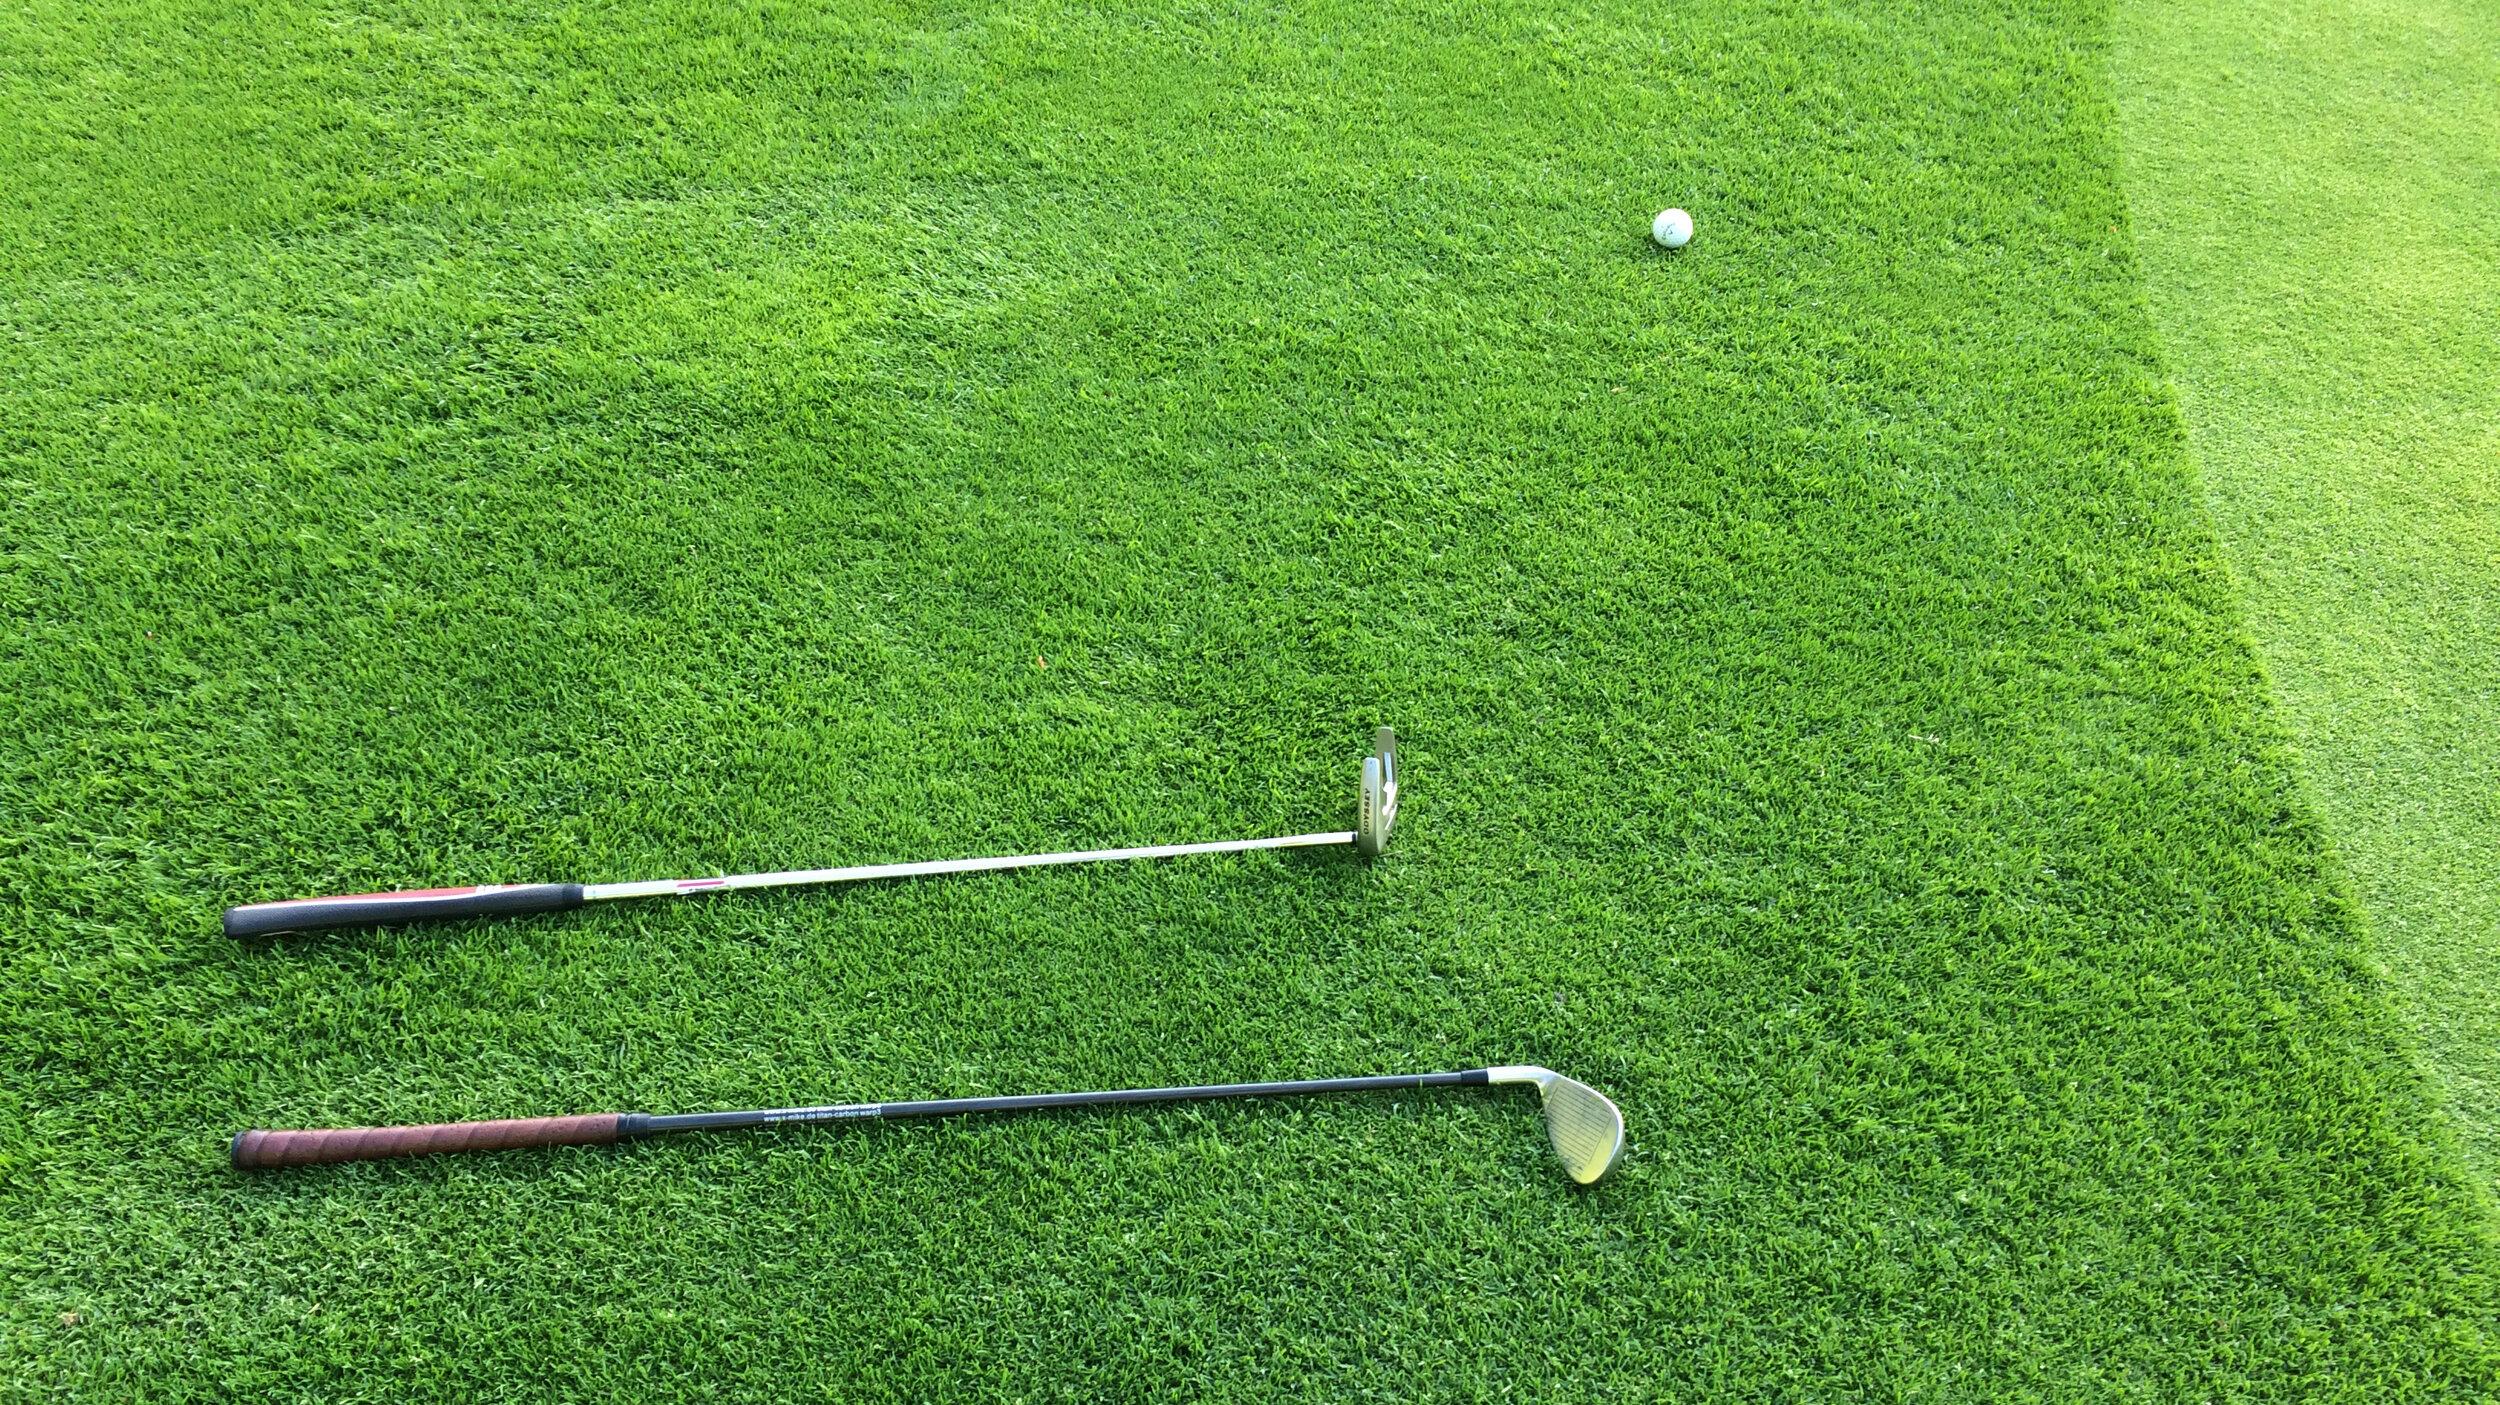 Erbjudande-Nya grepp på golfklubban